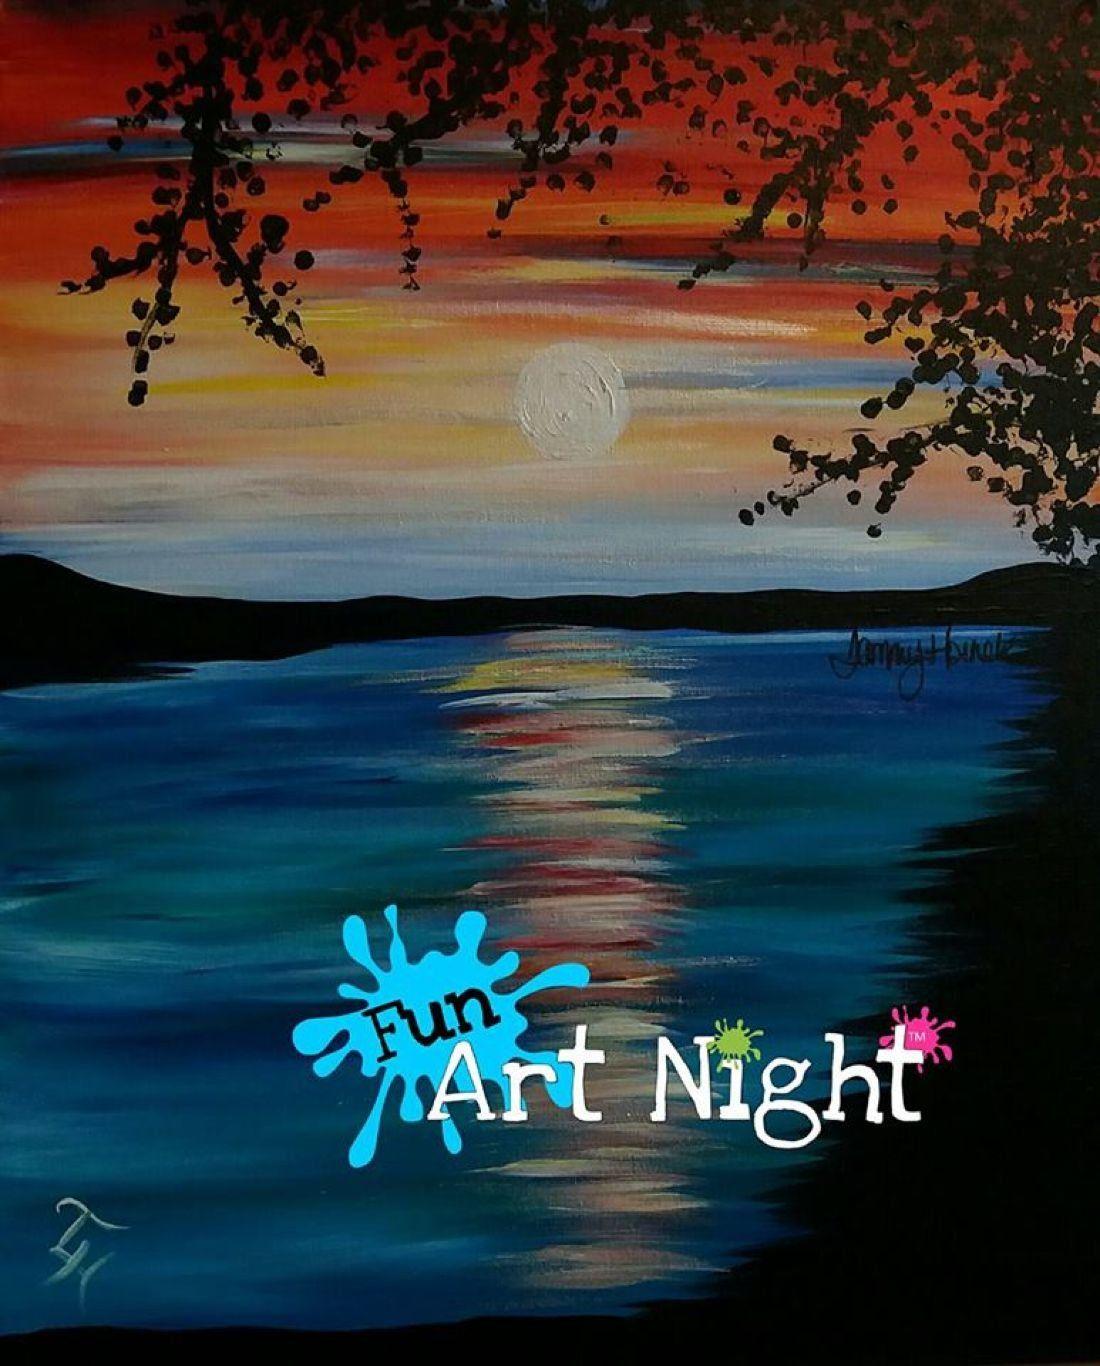 Fun Art Night Sunrise On The Lake in Orange